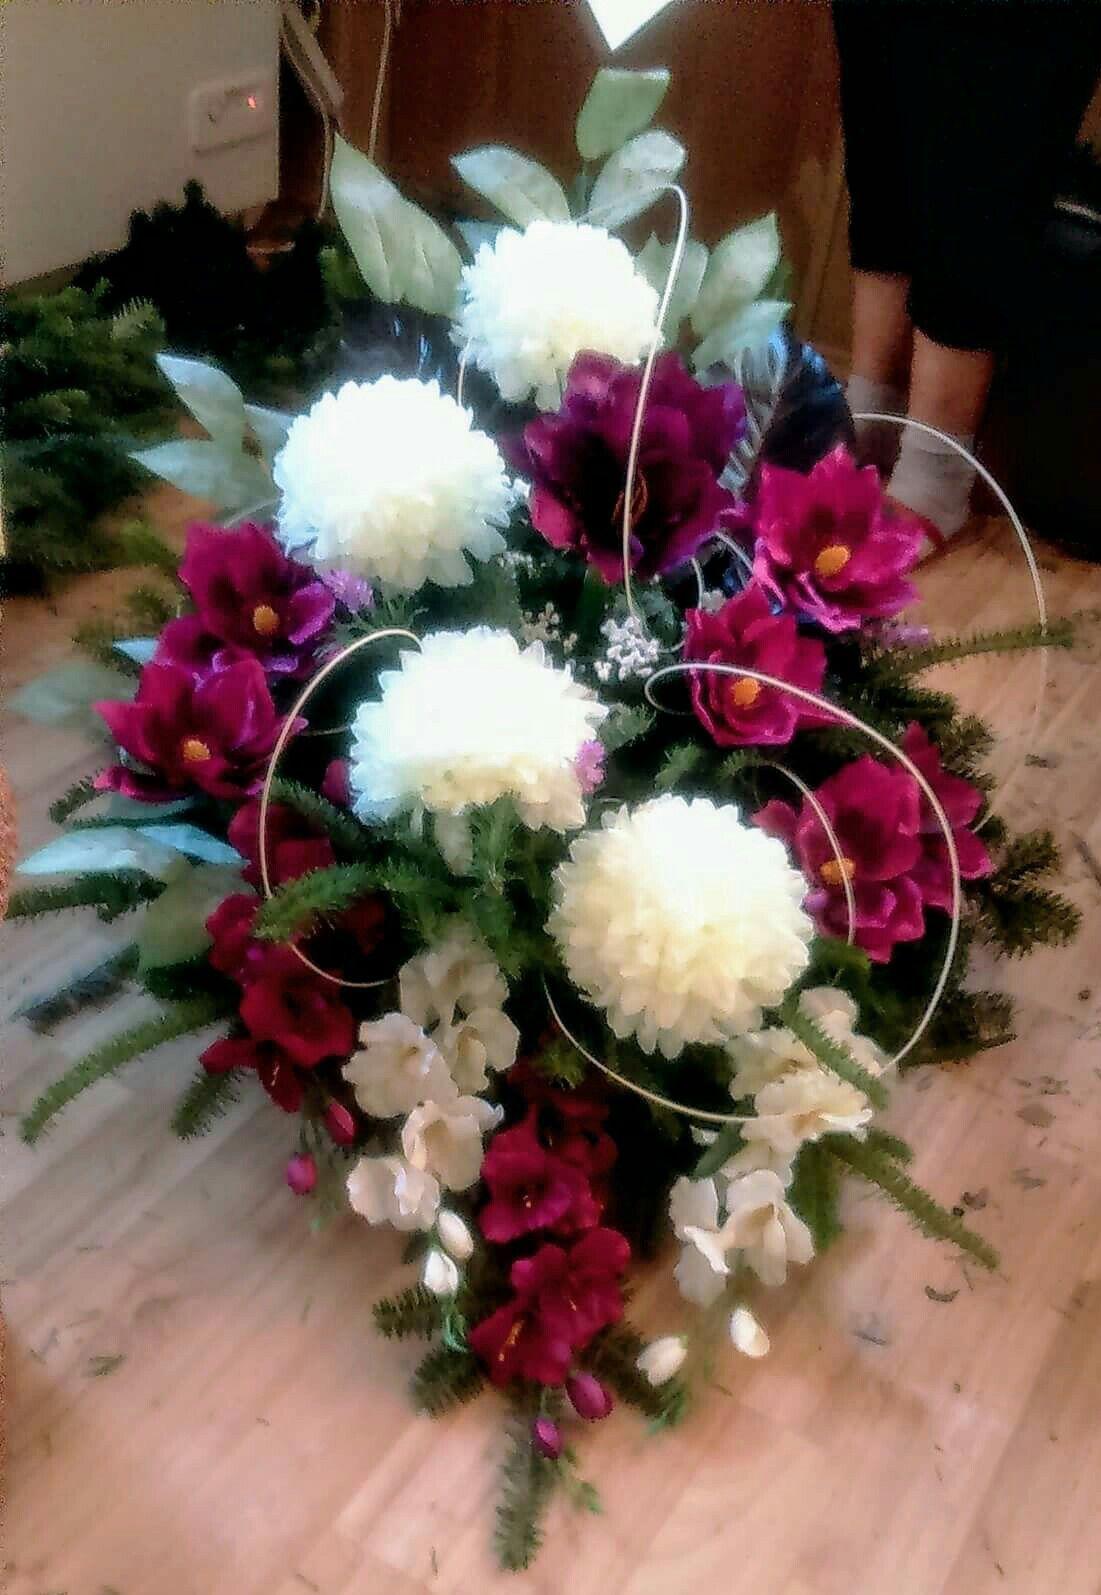 Wizanka na ywym podkadzie bordo wszystkich witych 2017 flower izmirmasajfo Choice Image